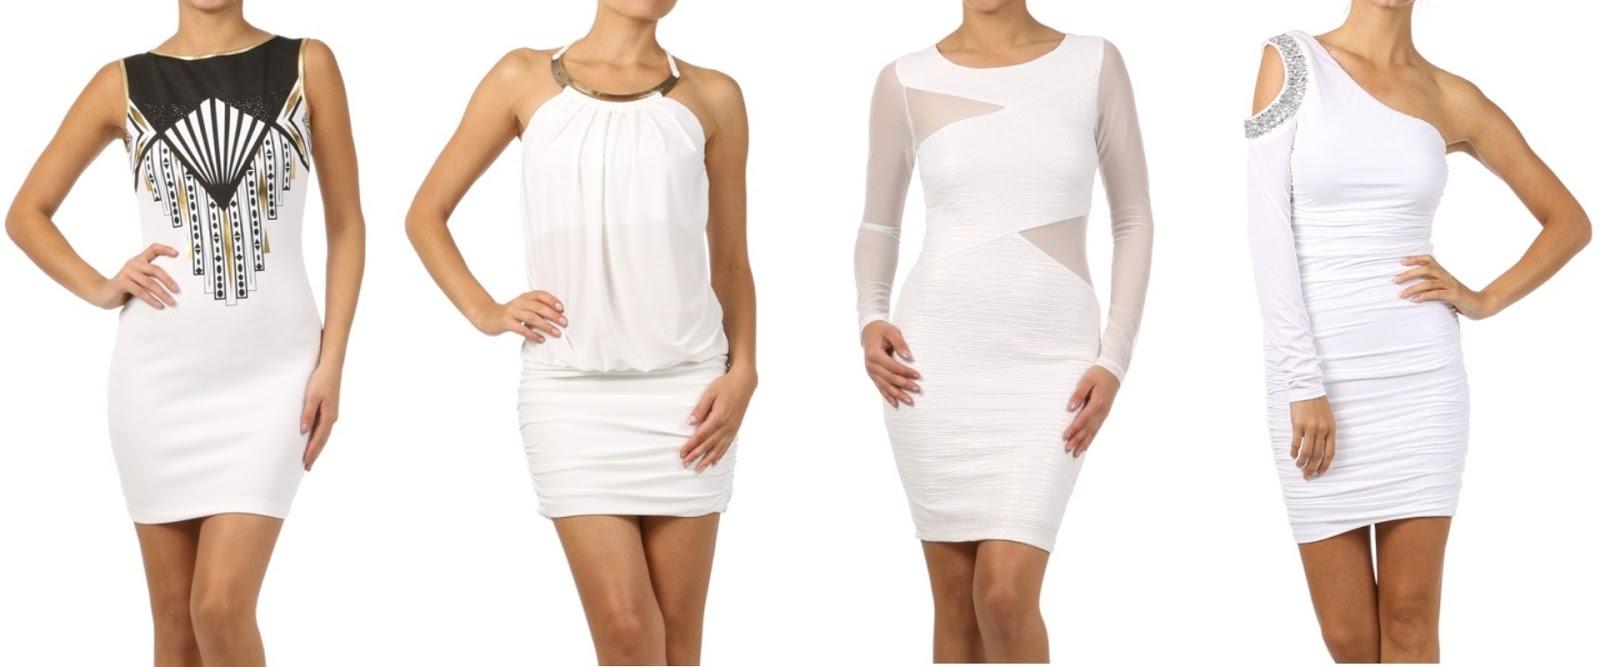 Encuentra gran variedad de vestidos blancos y accesoriosen IM Couture ...